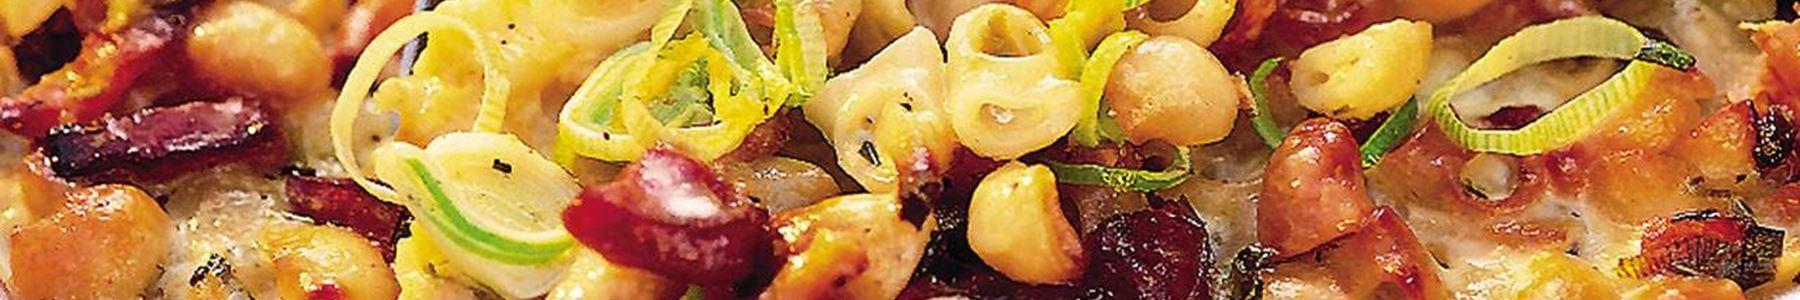 Korv + Huvudrätt + Pasta + I ugn